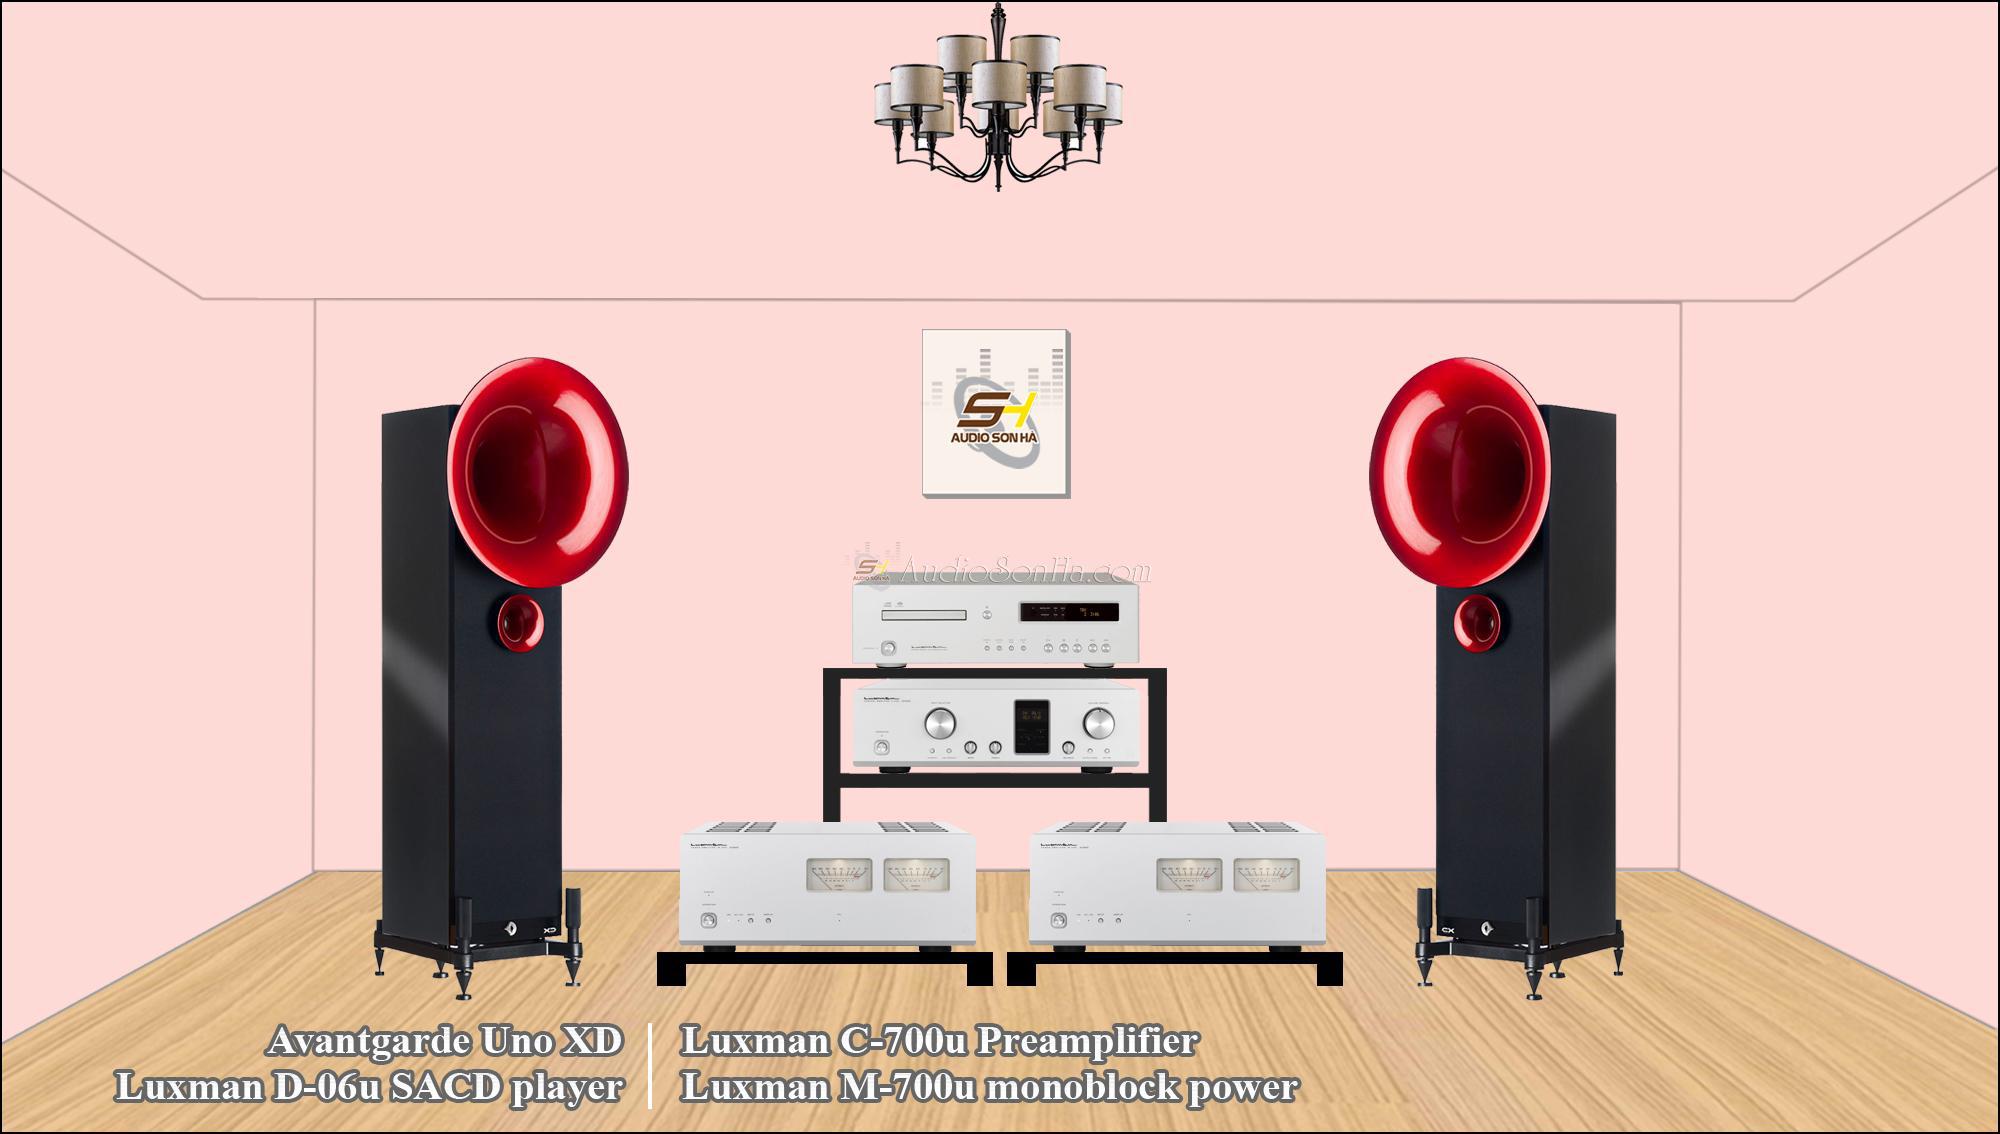 Hệ thống nghe nhạc Luxman & Avantgarde Uno XD